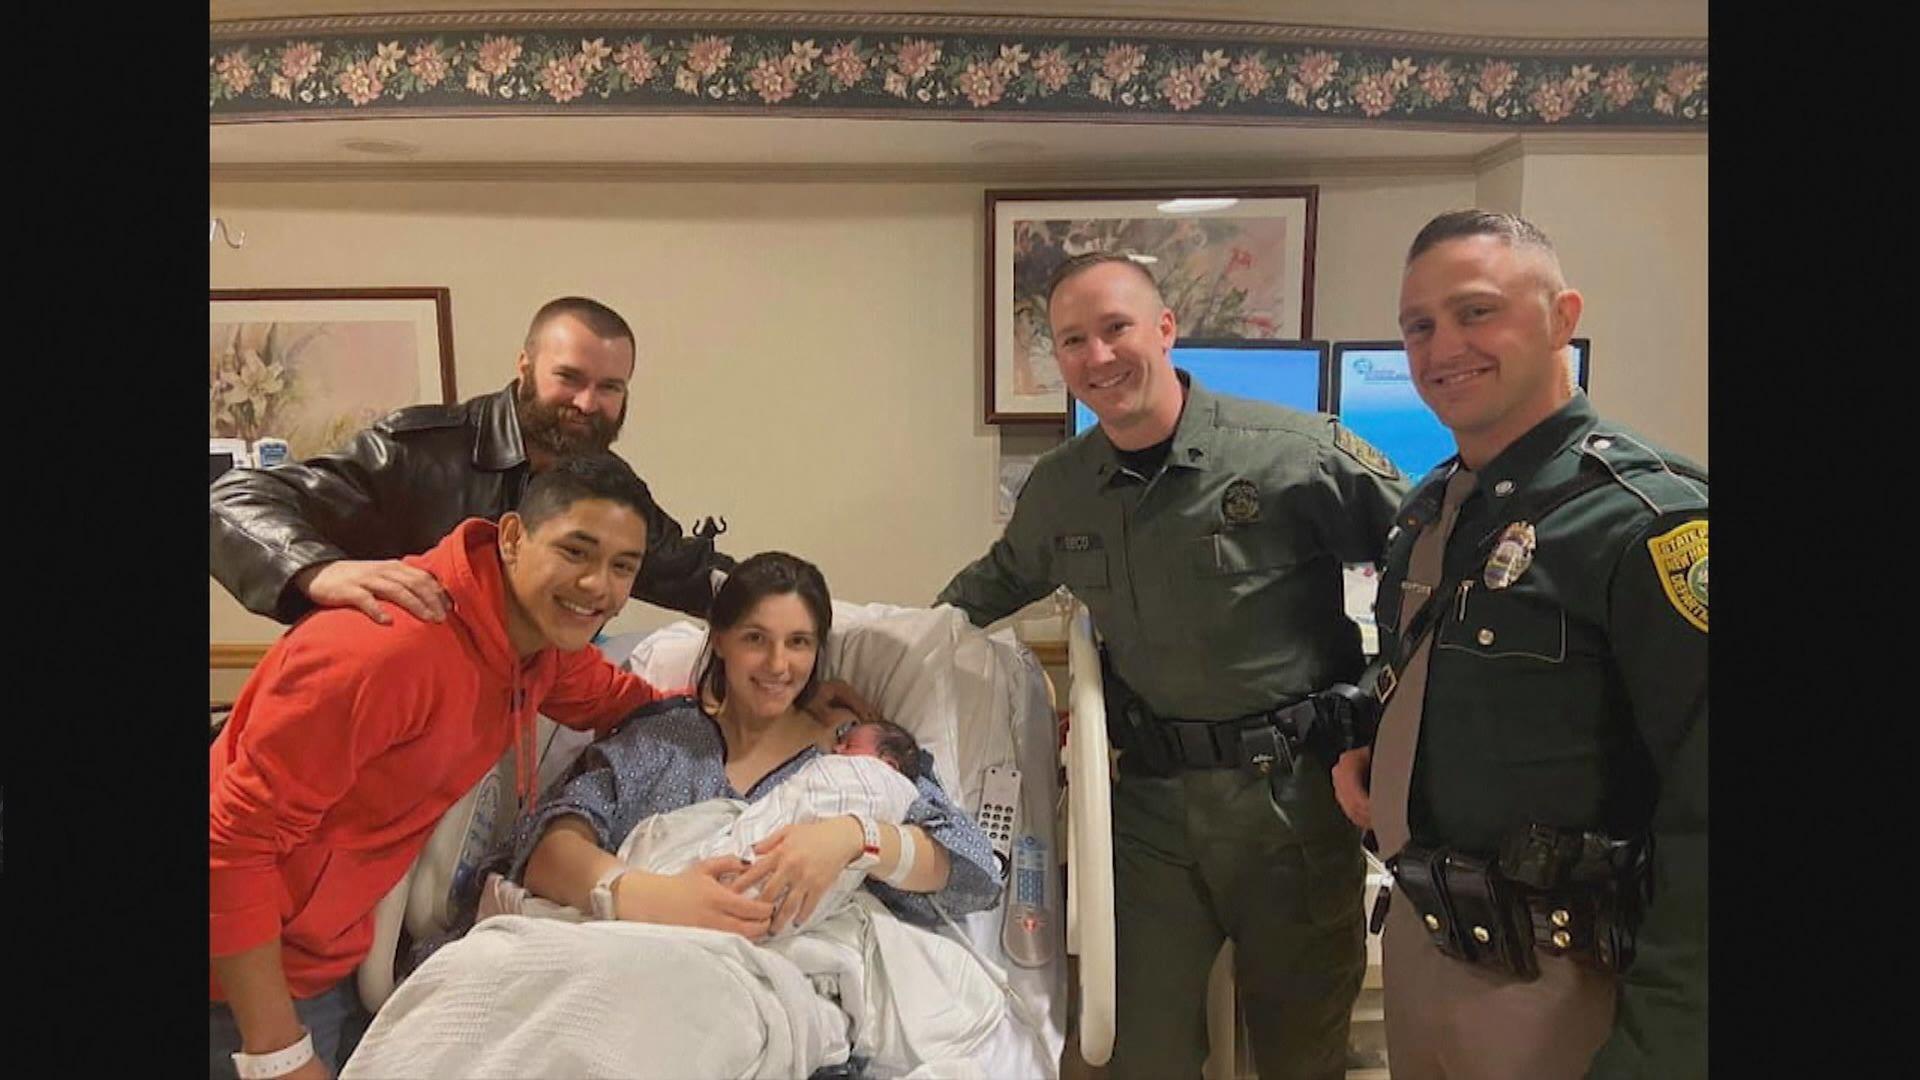 【環球薈報】美國三名警察聖誕節在公路上幫助孕婦接生